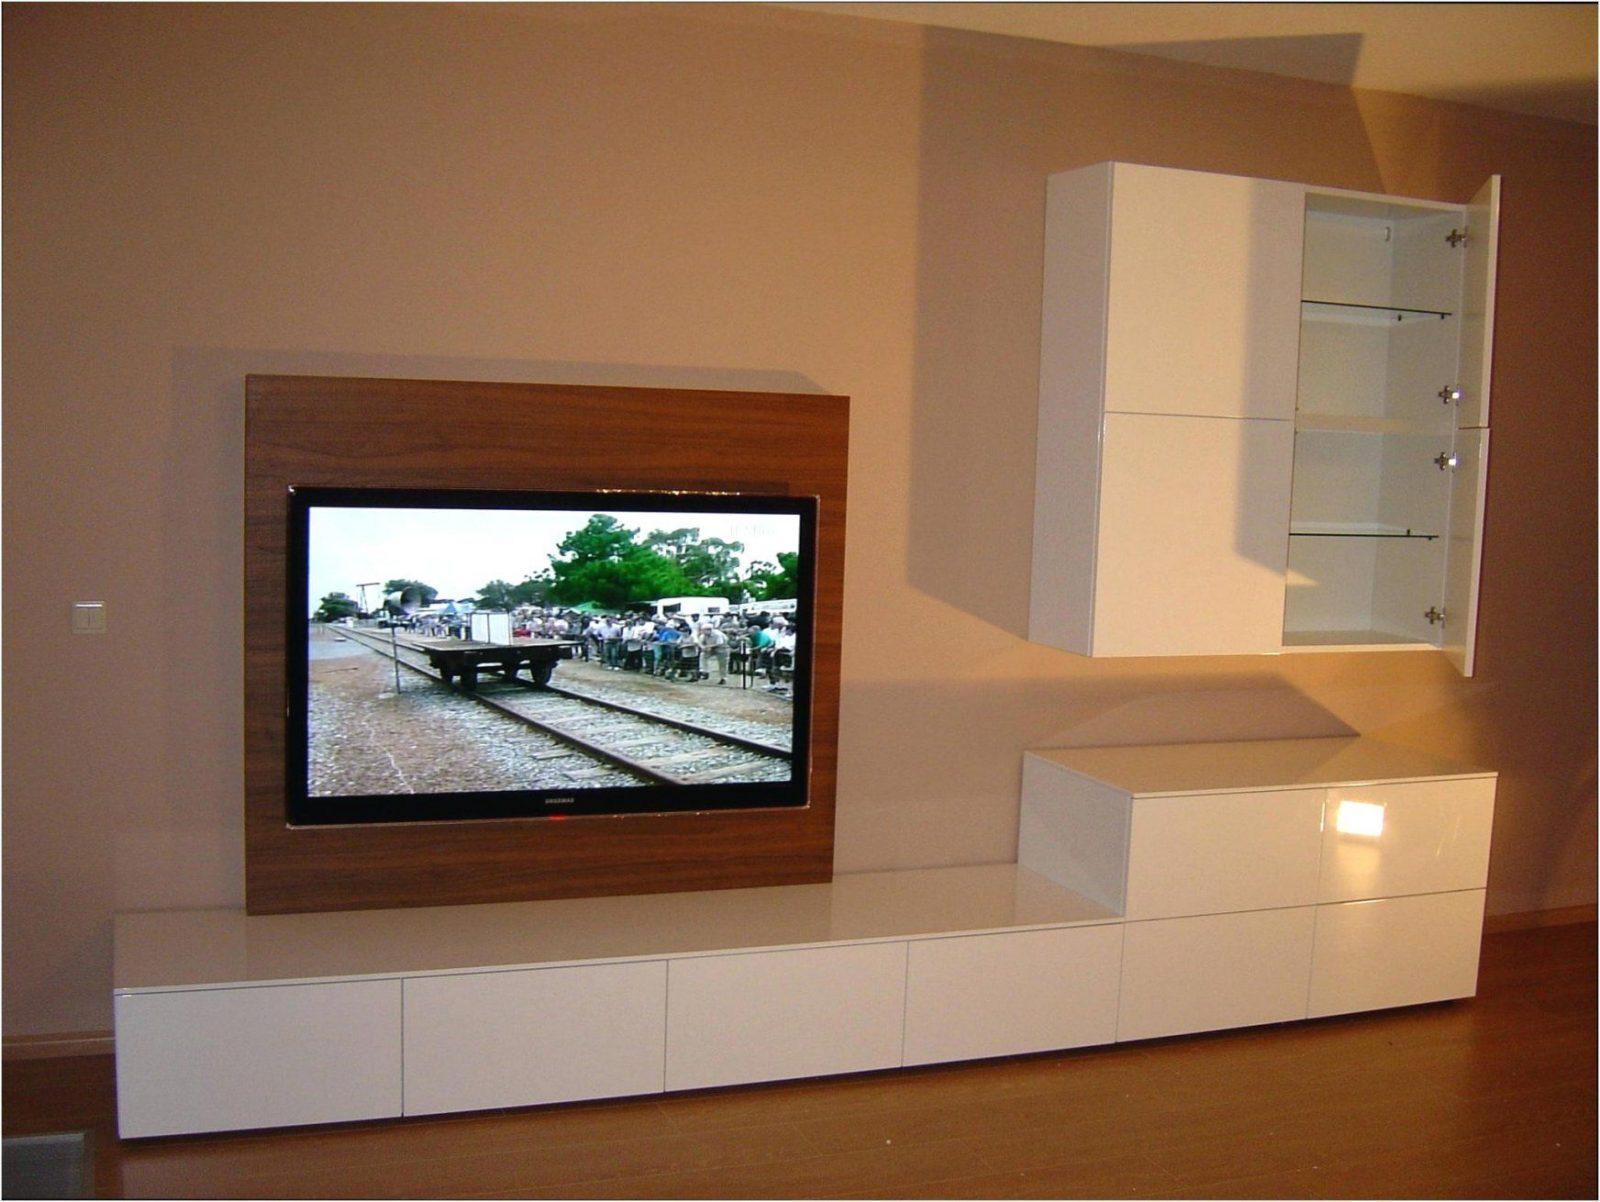 Wohnwand Selber Bauen Rigips Mit Tv Wand Bauanleitung Zum Heimwerker von Wohnwand Selber Bauen Ideen Bild